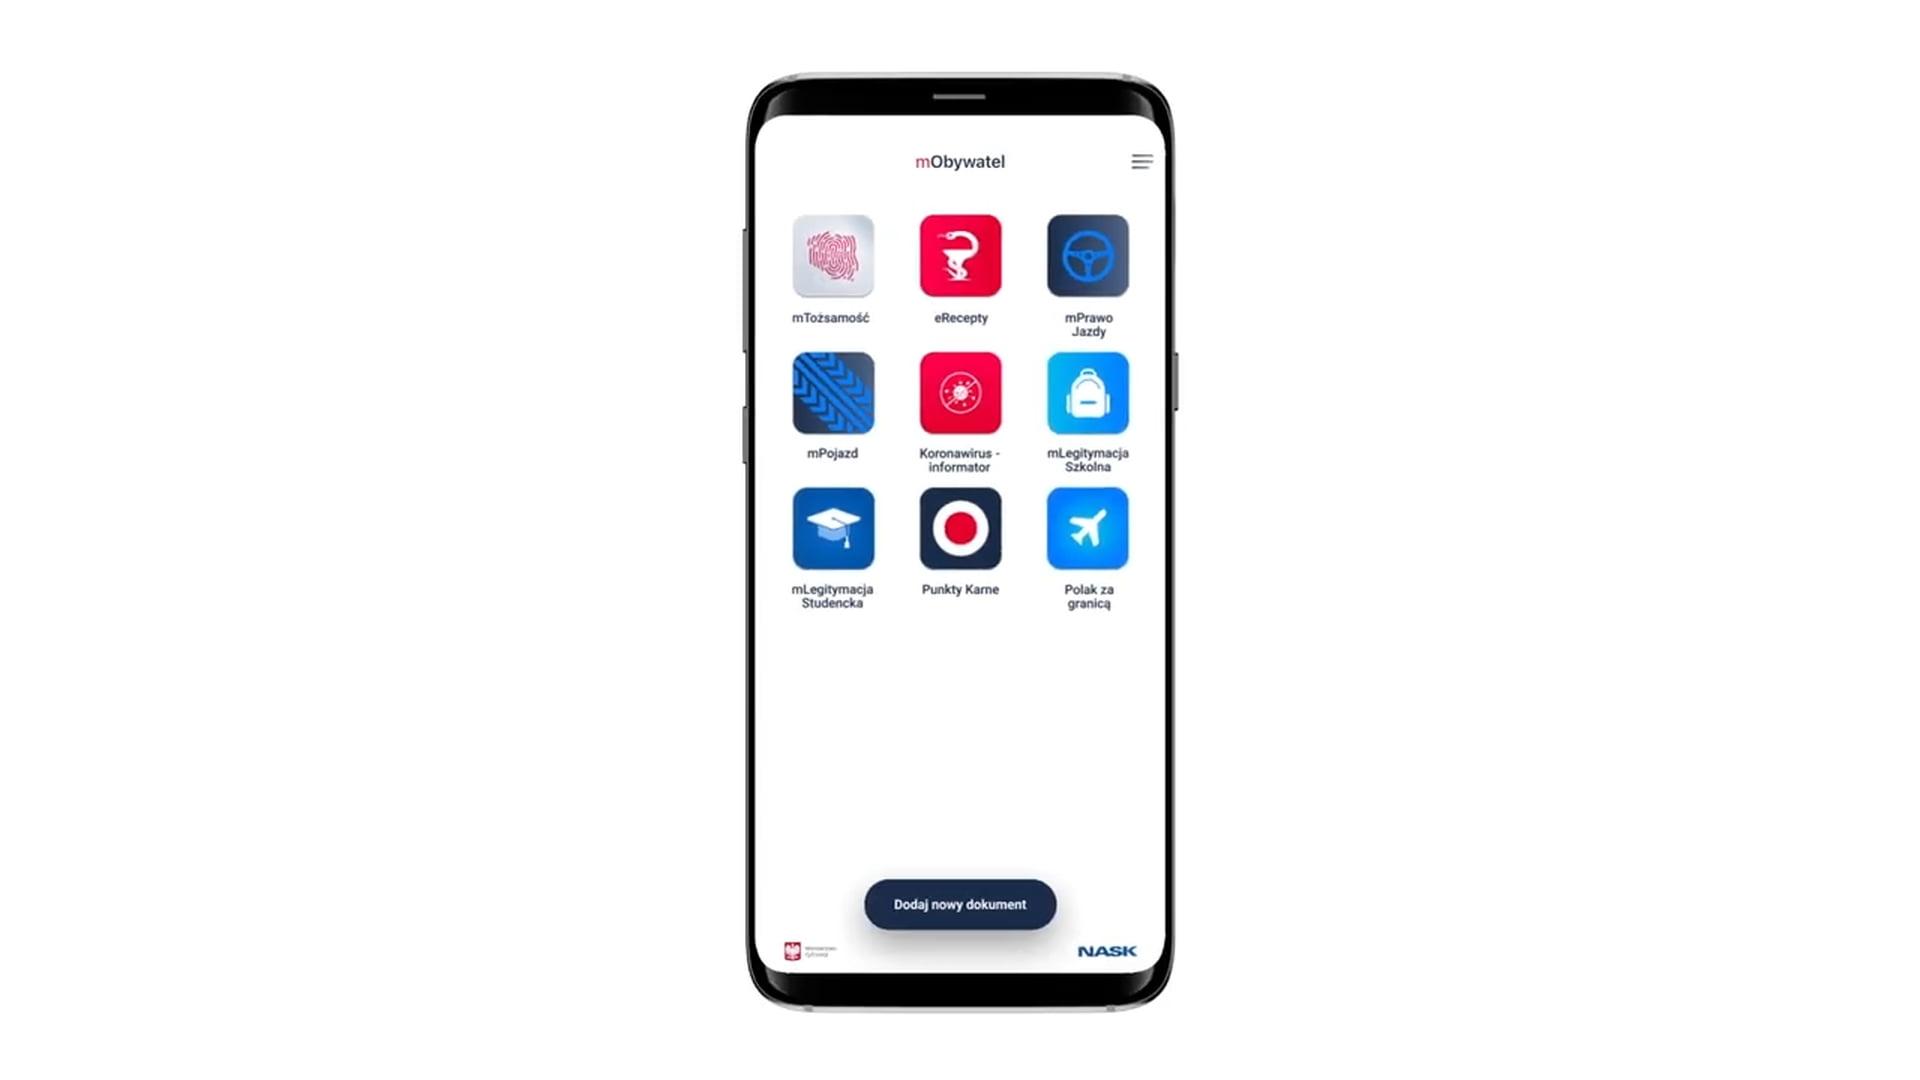 Dostępna nowa odświeżona wersja aplikacji mObywatel